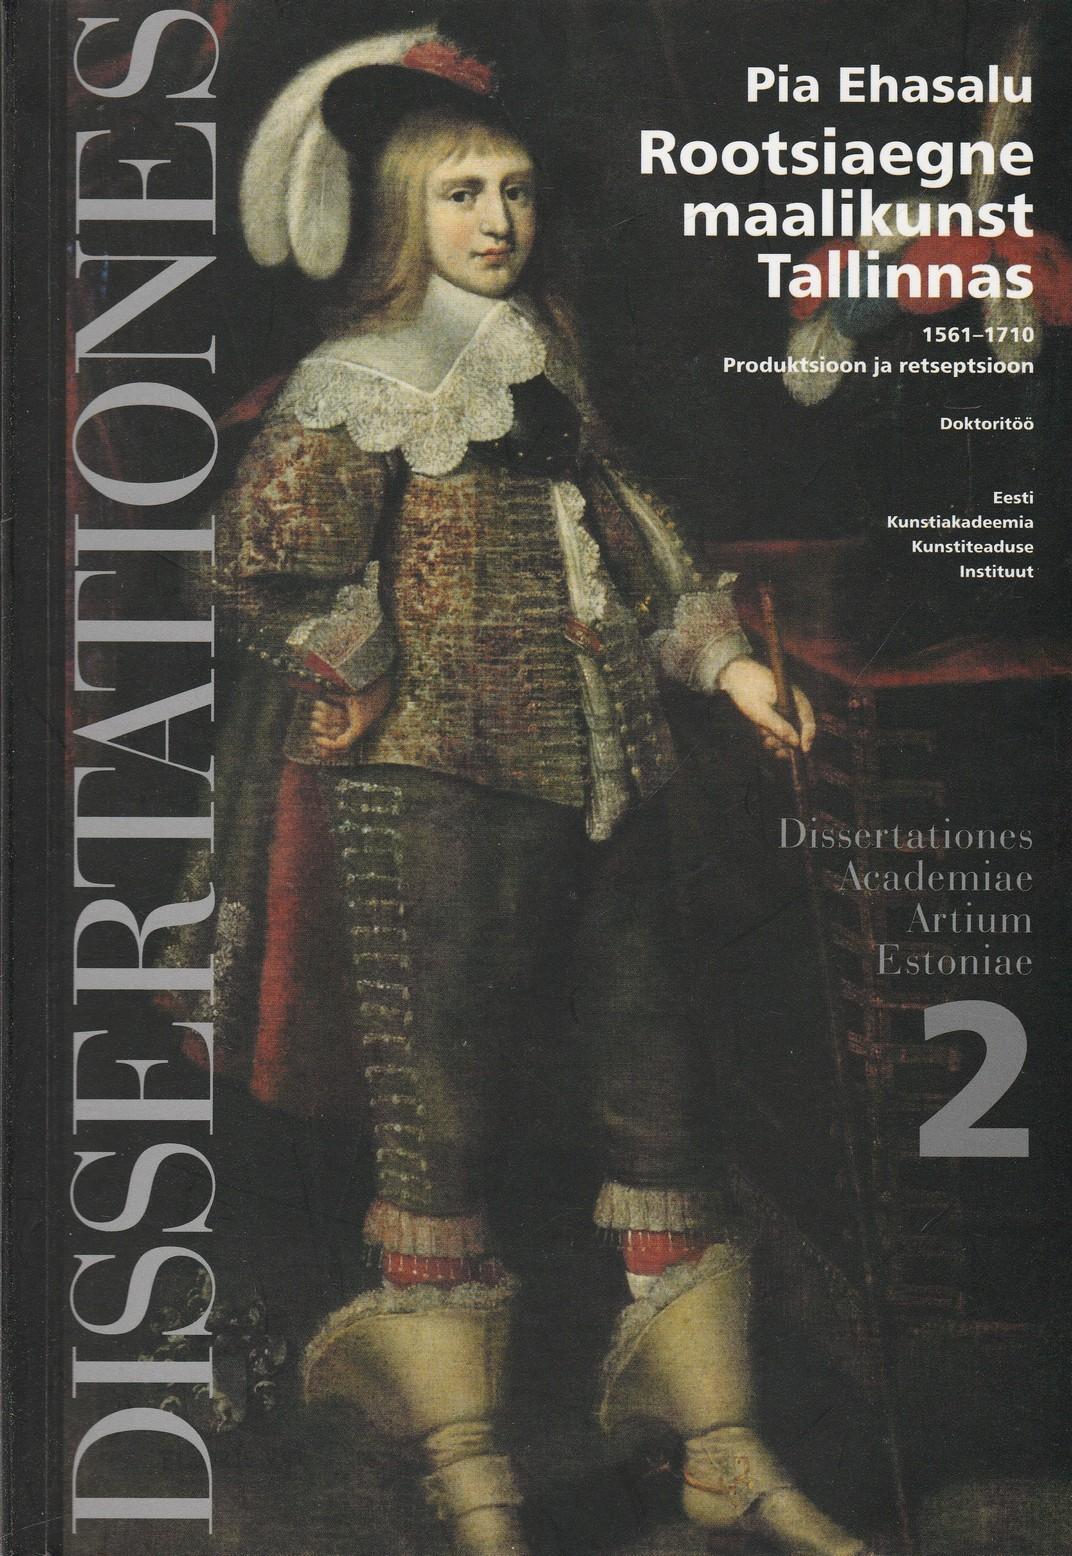 Rootsiaegne maalikunst Tallinnas 1561-1710